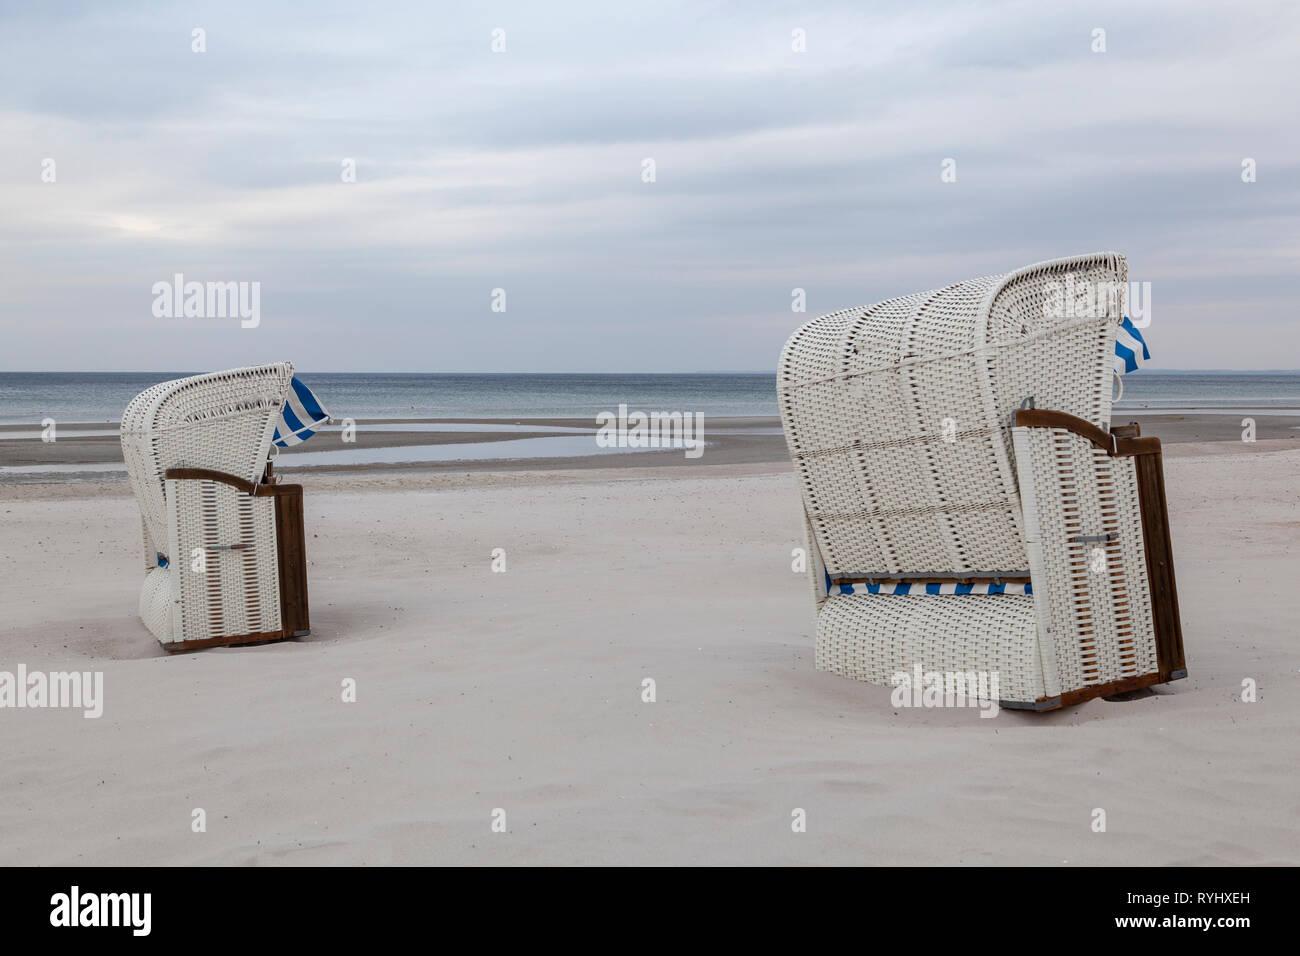 Strandkörbe an der Ostsee bei Scharbeutz, Schleswig-Holstein, Deutschland - Stock Image